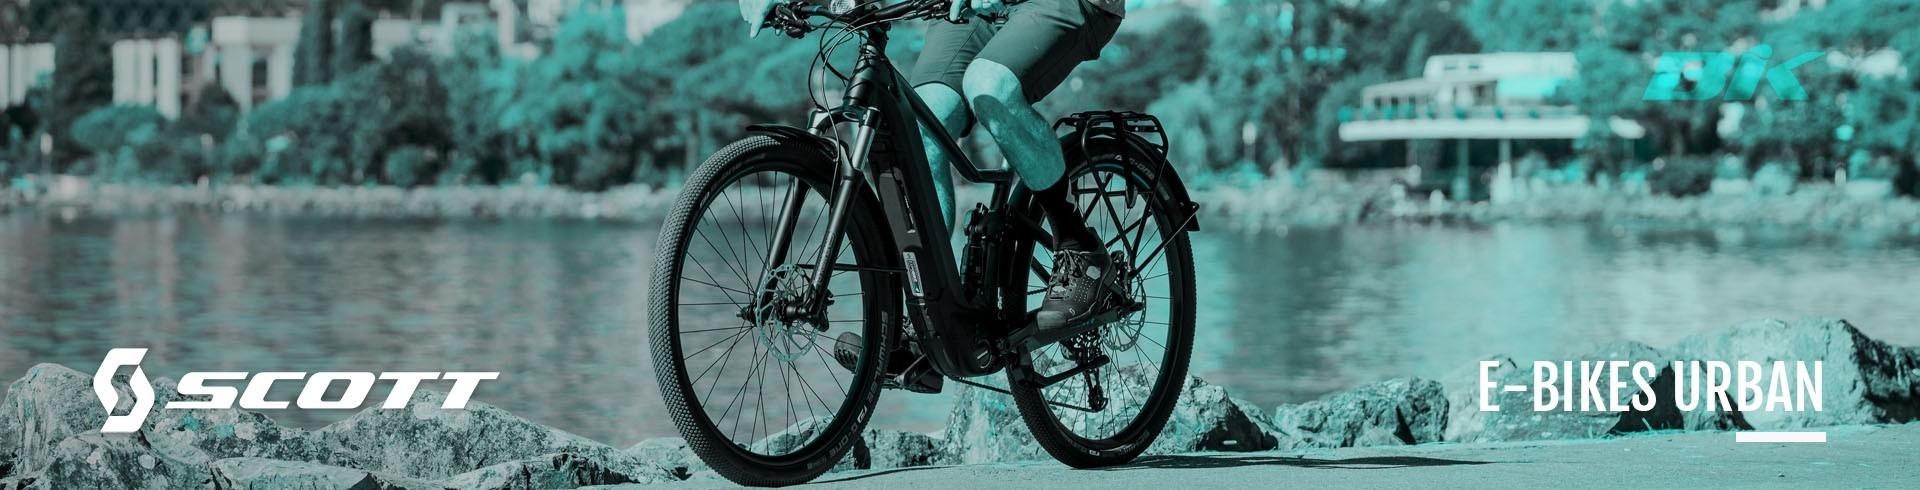 E-Bike Urbanas